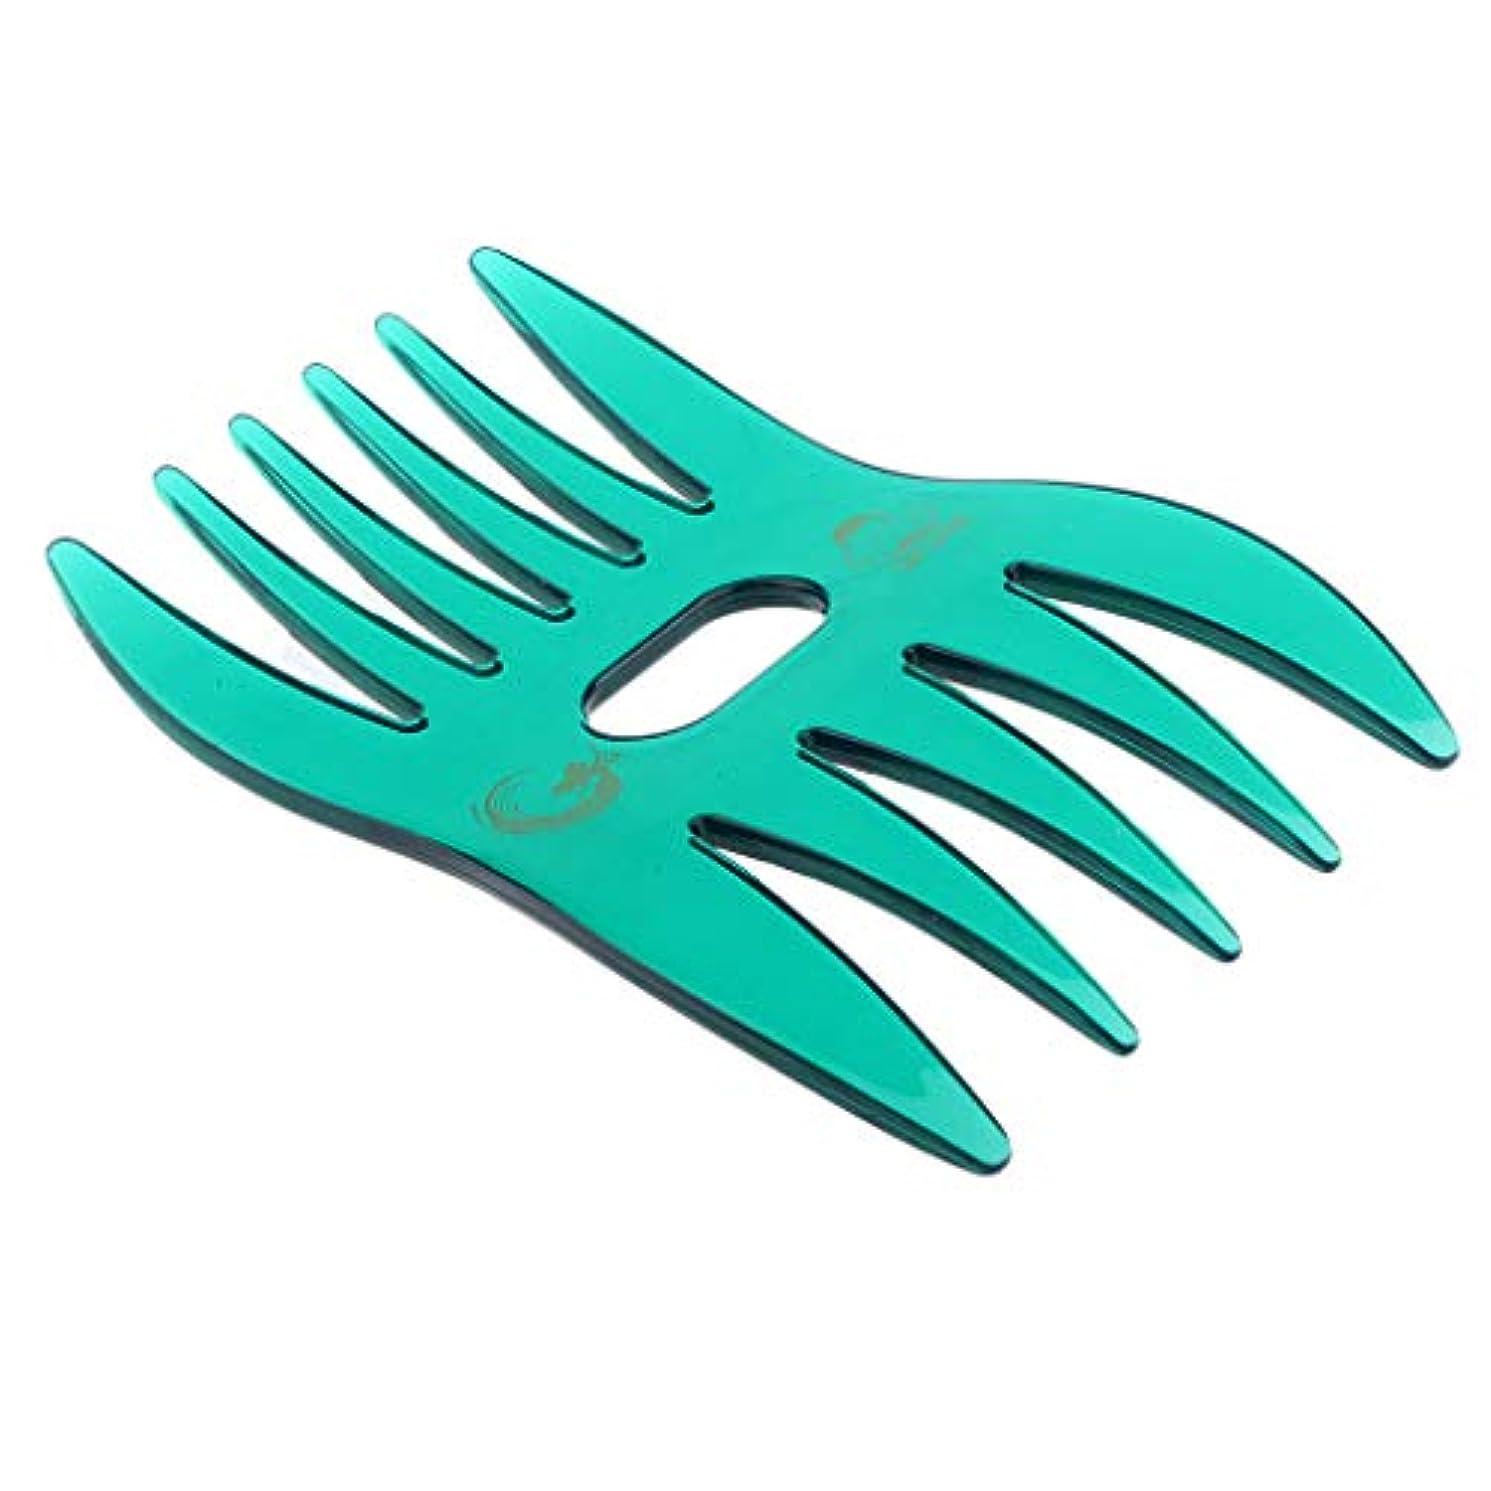 太鼓腹不適切な統計的B Baosity ヘアコーム ヘアブラシ デュアルサイド櫛 ワイド 細かい歯 ヘアサロン 自宅用 4色選べ - 緑